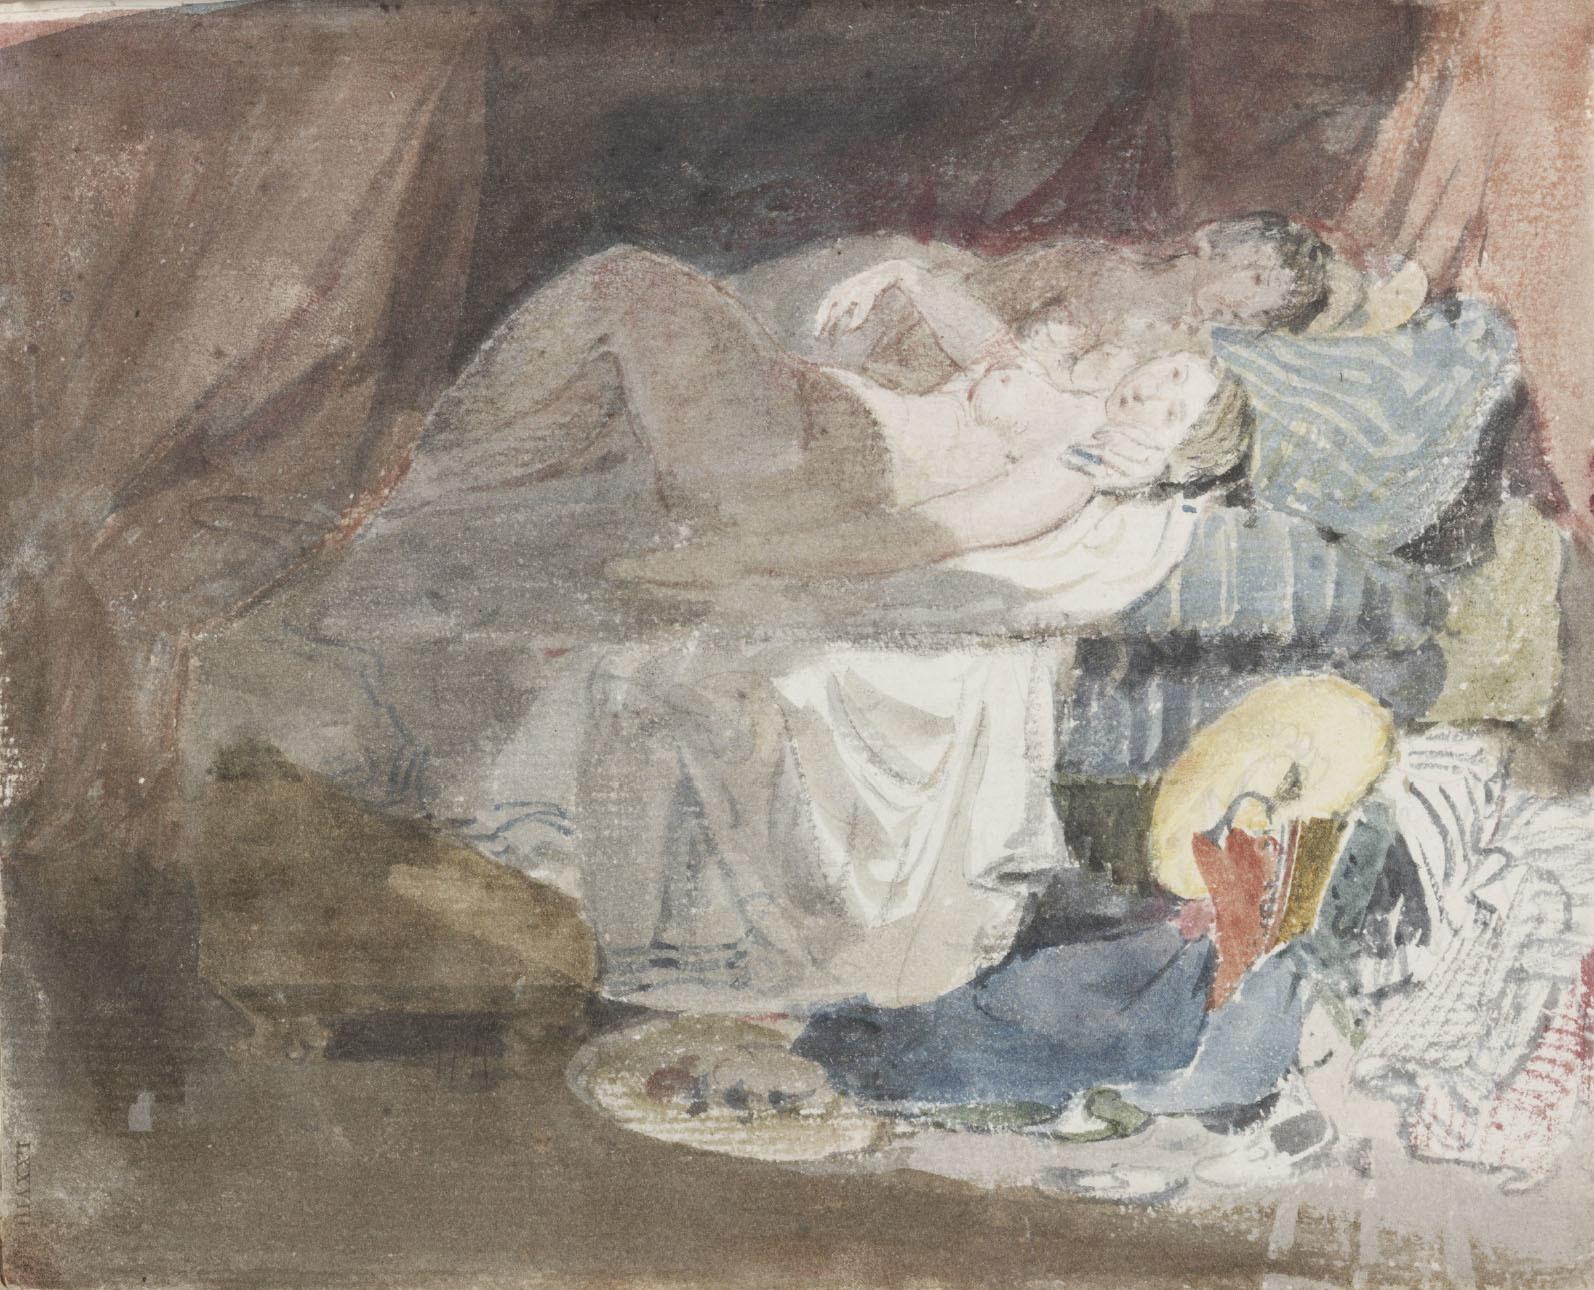 ジョゼフ・マロード・ウィリアム・ターナー 《ベッドに横たわるスイス人の裸の少女とその相手》「スイス人物」スケッチブックより 1802年 黒鉛、水彩/紙 16.3×19.8cm Tate: Accepted by the nation as part of the Turner Bequest 1856, image © Tate, London 2017